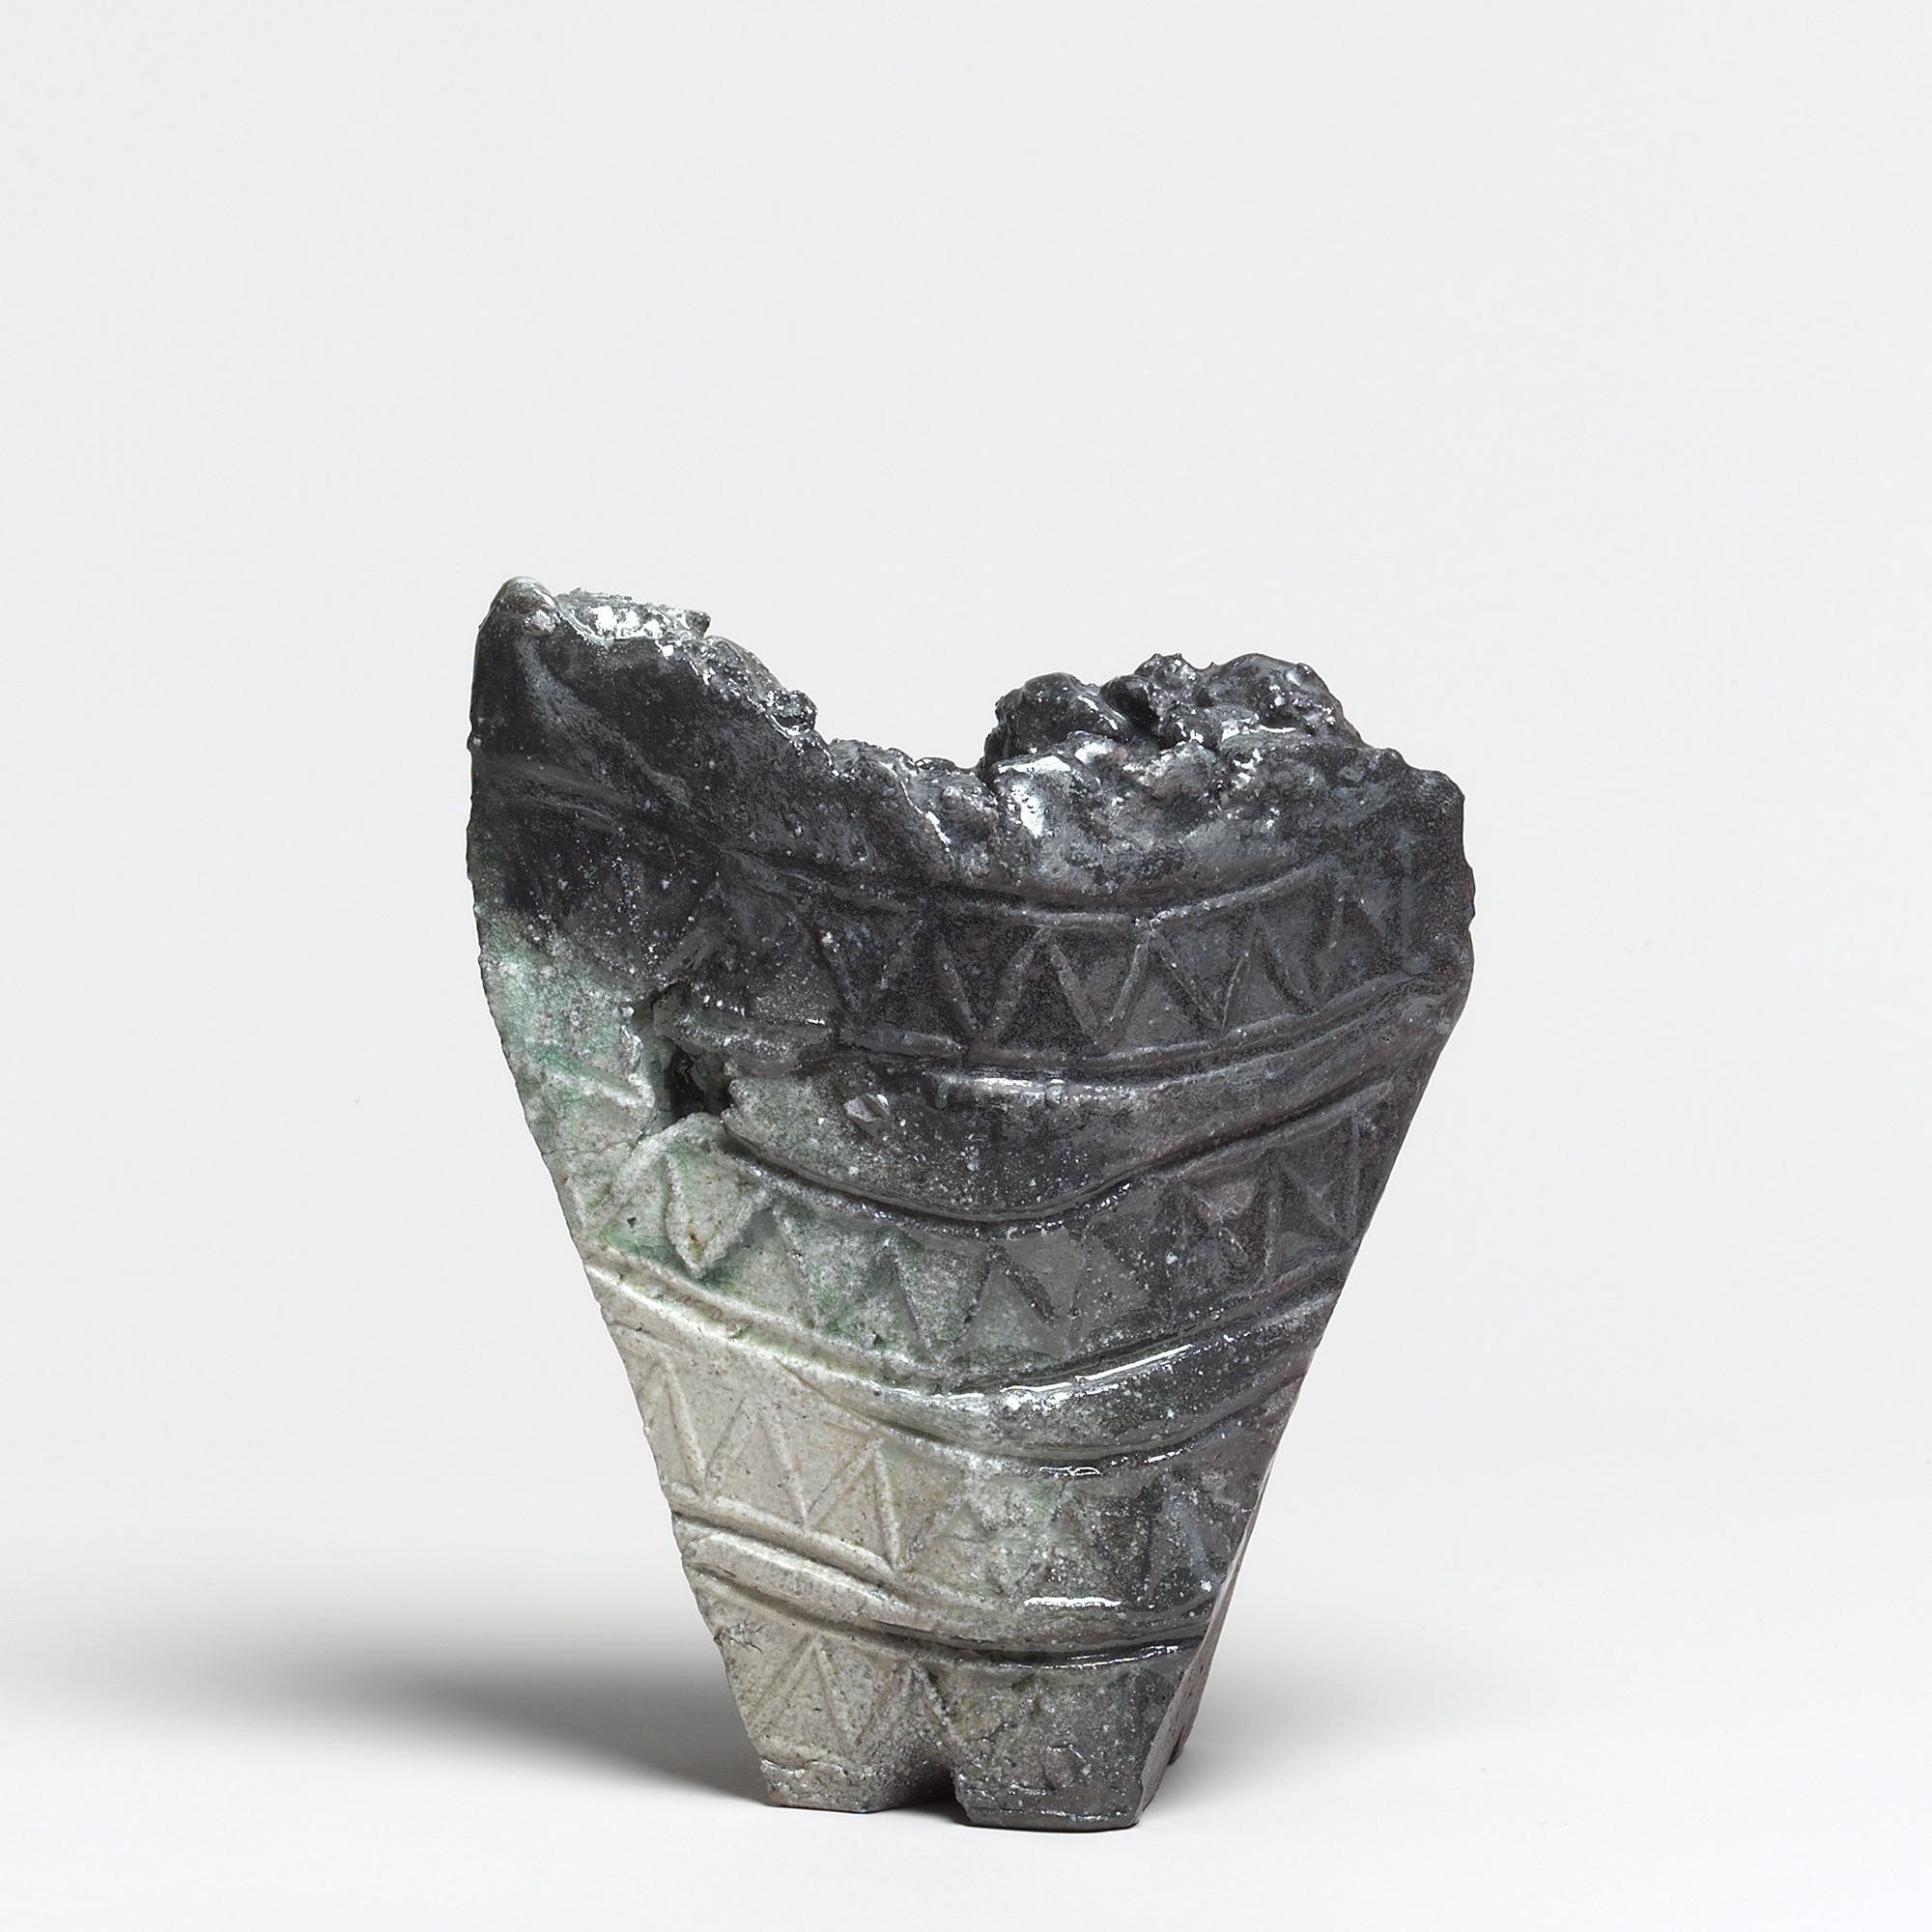 14 Cute Artistic Ceramic Vases 2021 free download artistic ceramic vases of kei tanimoto 021232 vase hanaire iga typ 2016 japan art regarding 021232 vase hanaire